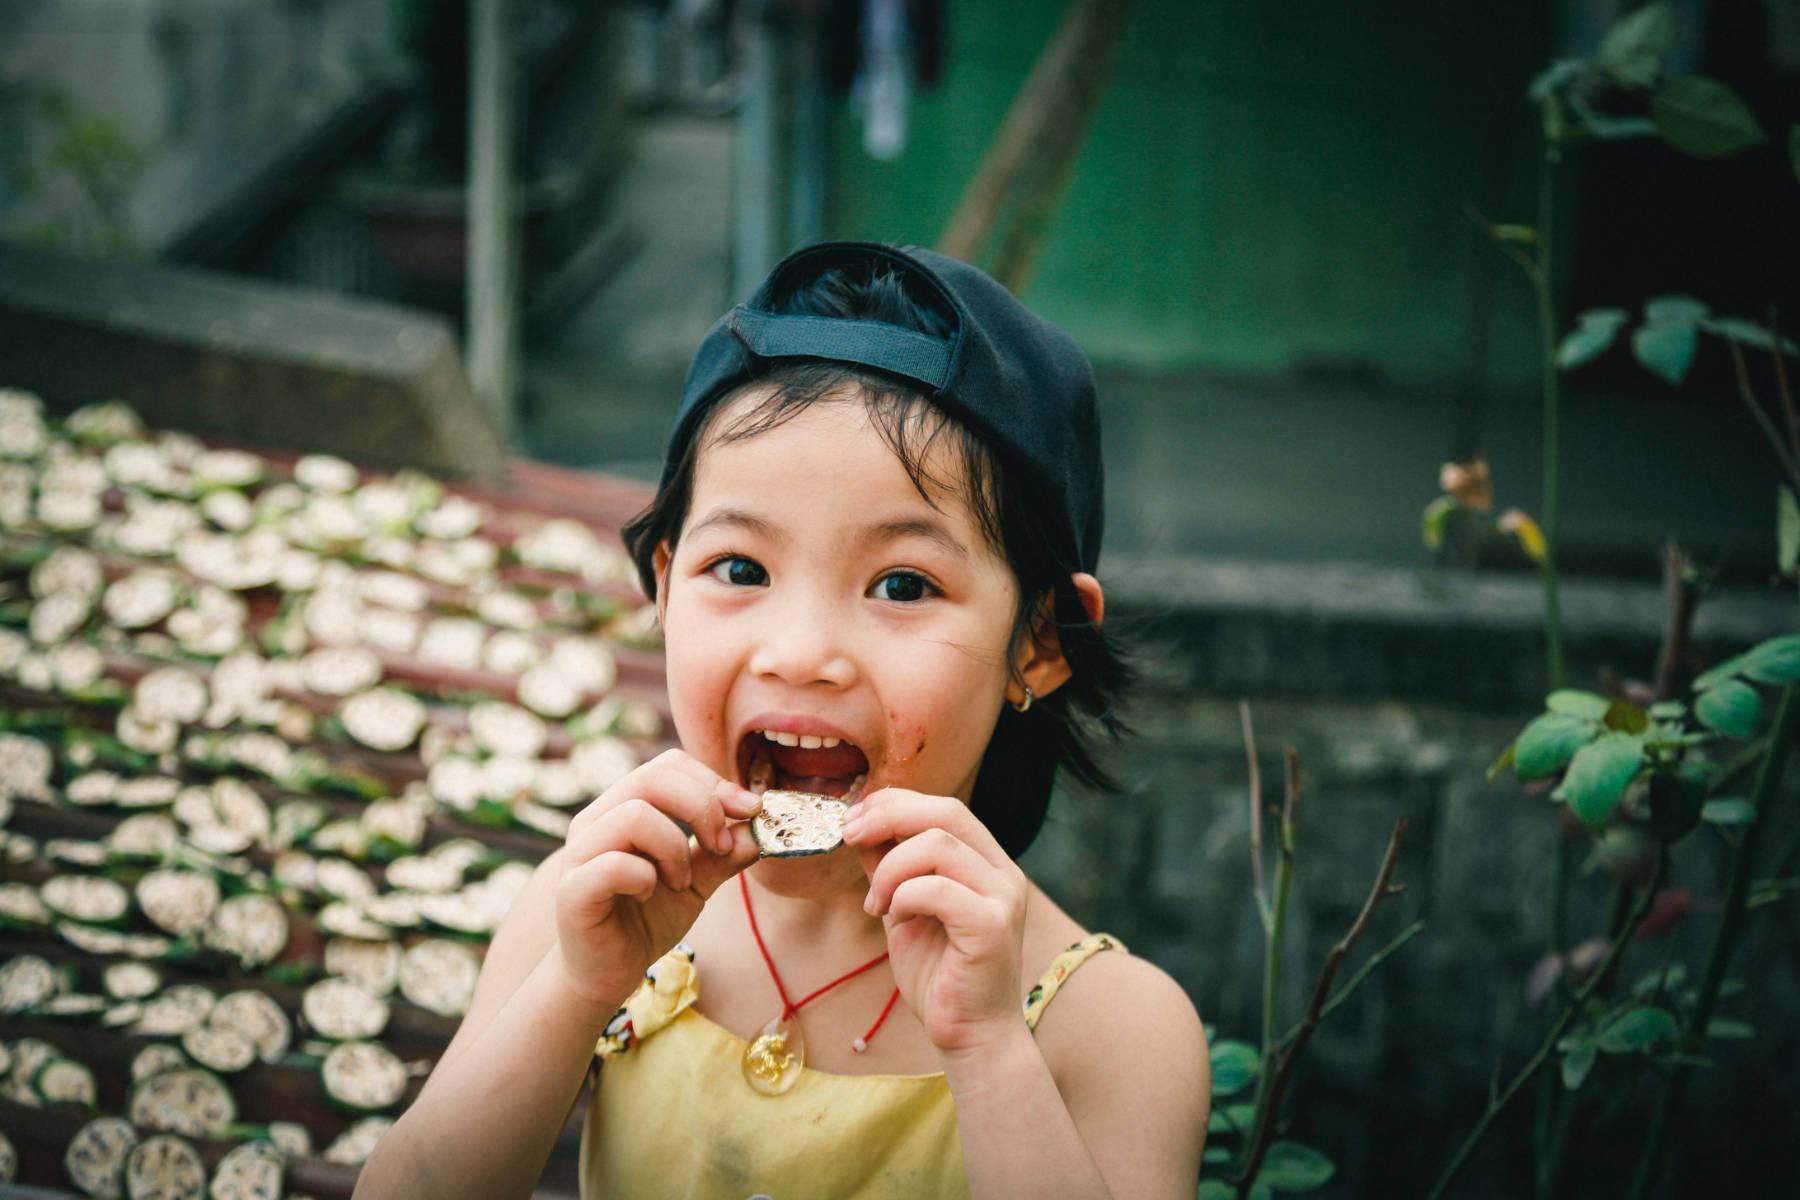 L'apprentissage du goût améliore l'éducation alimentaire des enfants